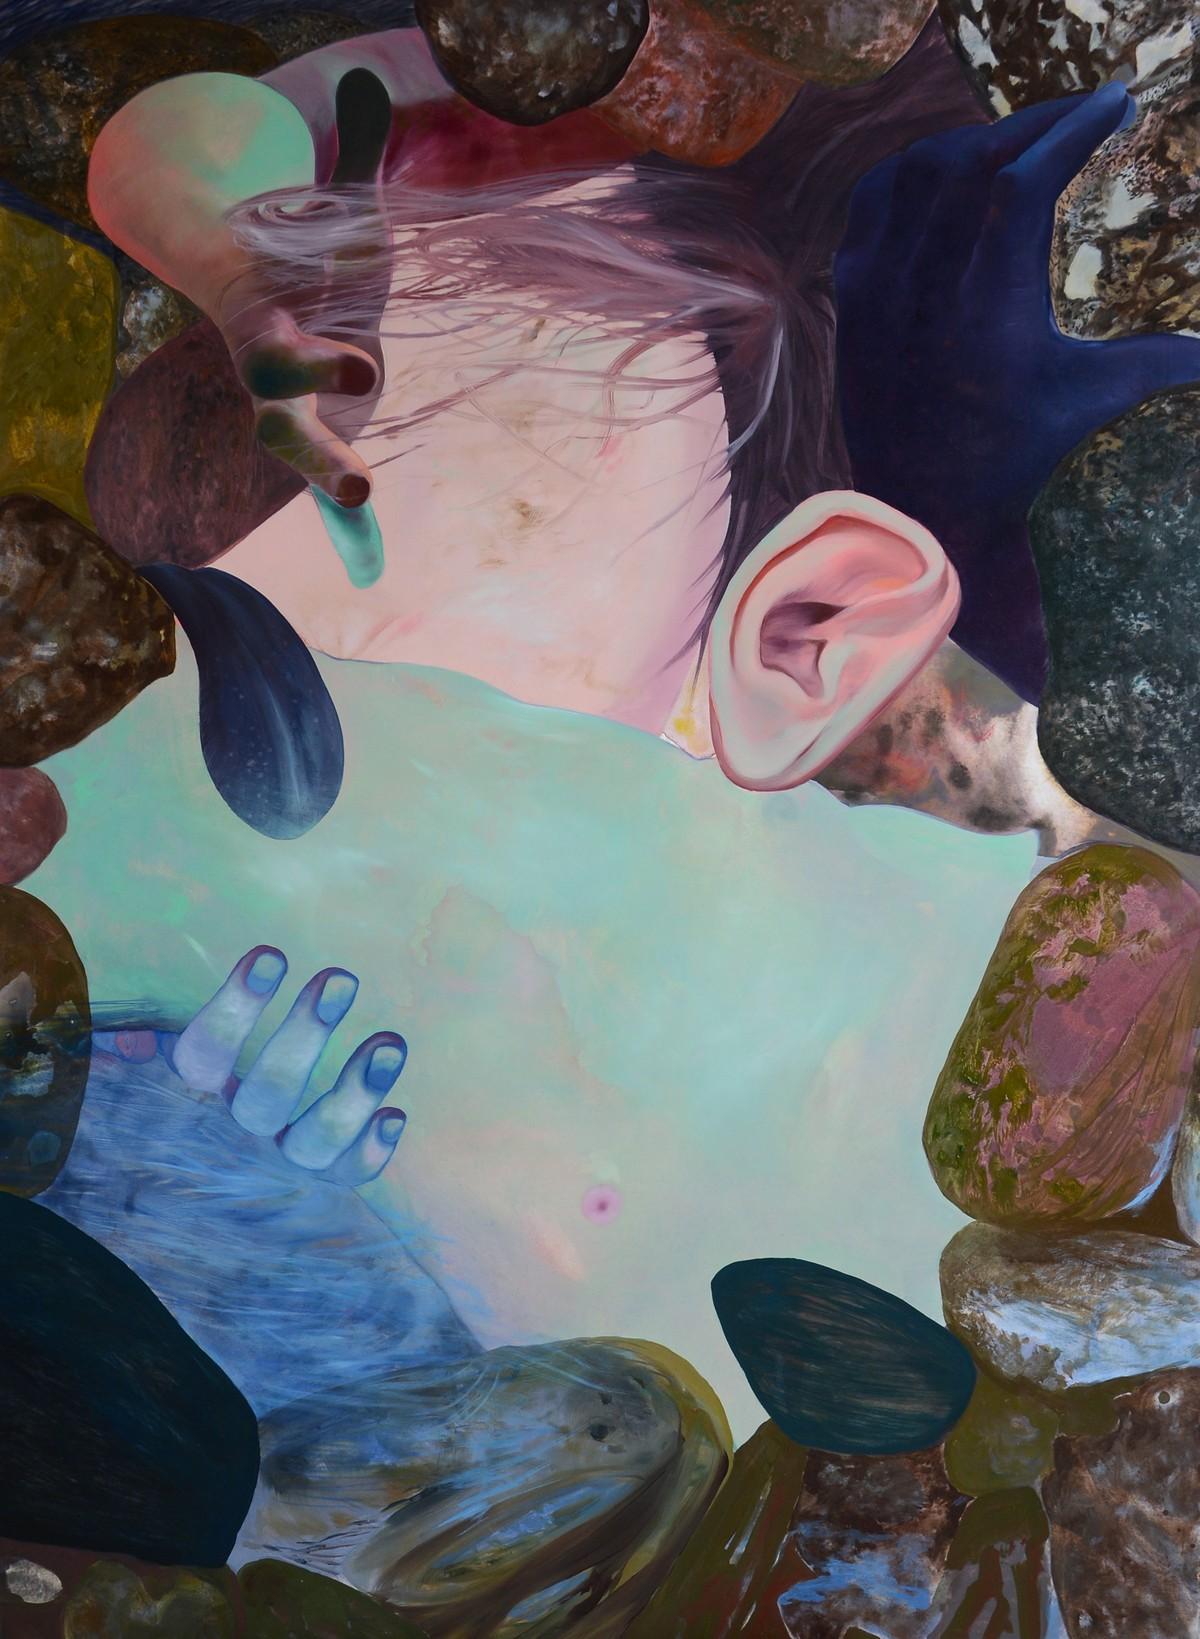 """Paulina Stasik, """"Ciało II"""", 2017, olej na płótnie, fot. dzięki uprzejmości artystki i galerii Henryk (źródło: materiały prasowe organizatora)"""